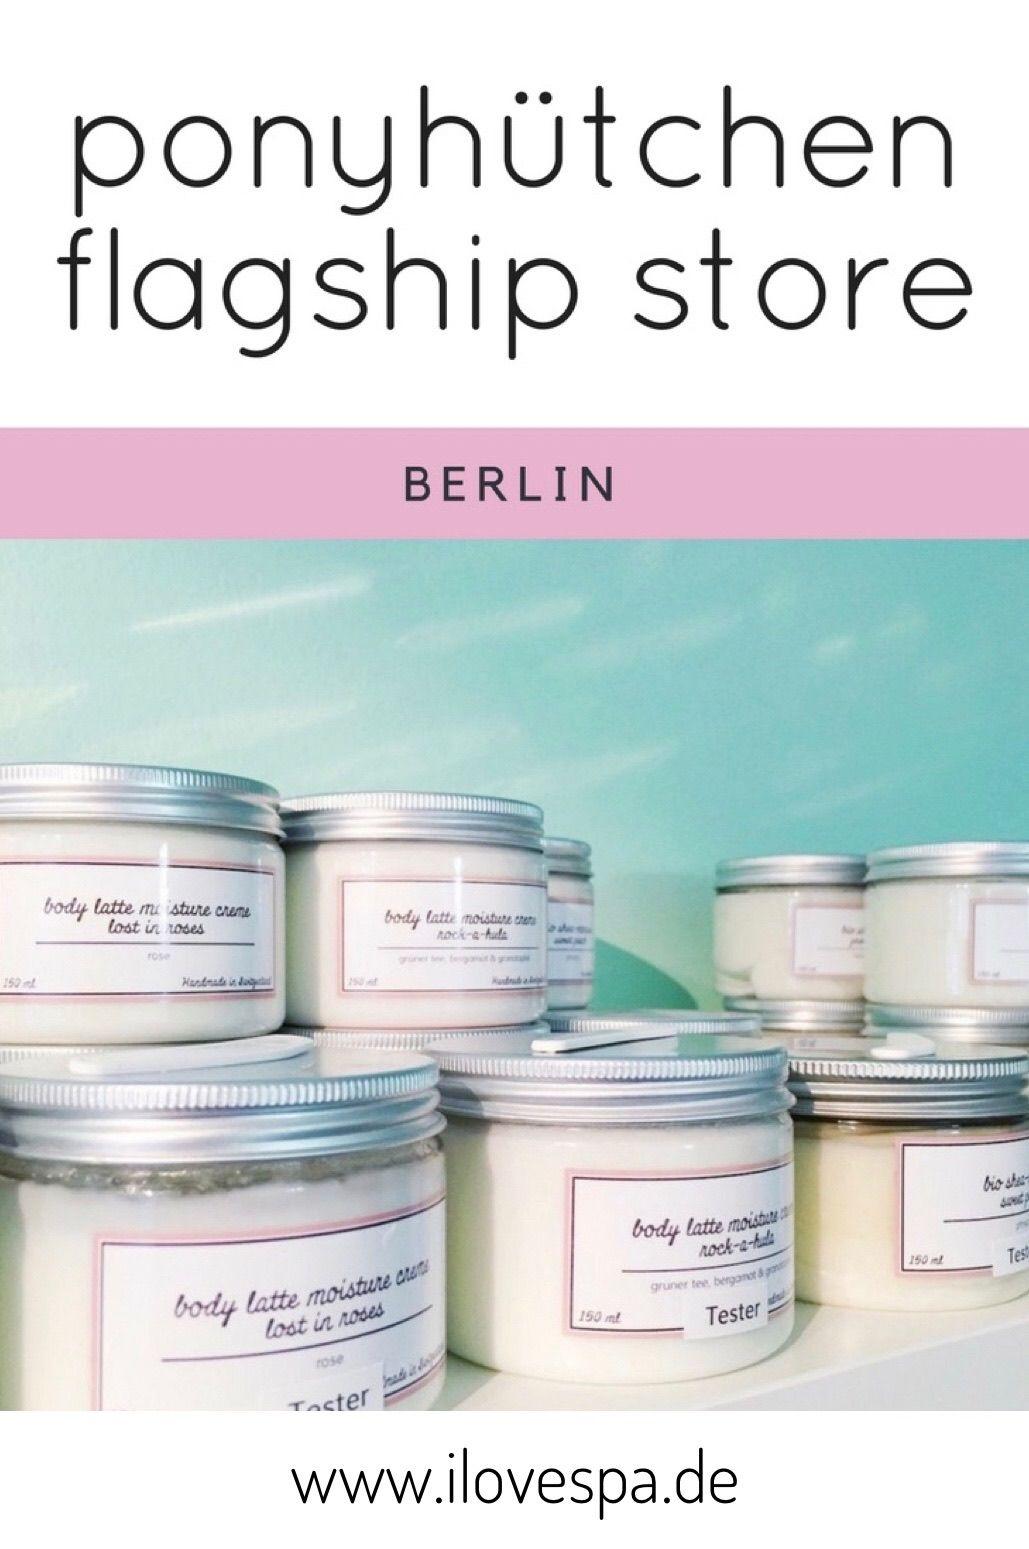 Ponyhütchen Berlin ponyhütchen flagship store berlin opening 10 rabatt bis zum 15 10